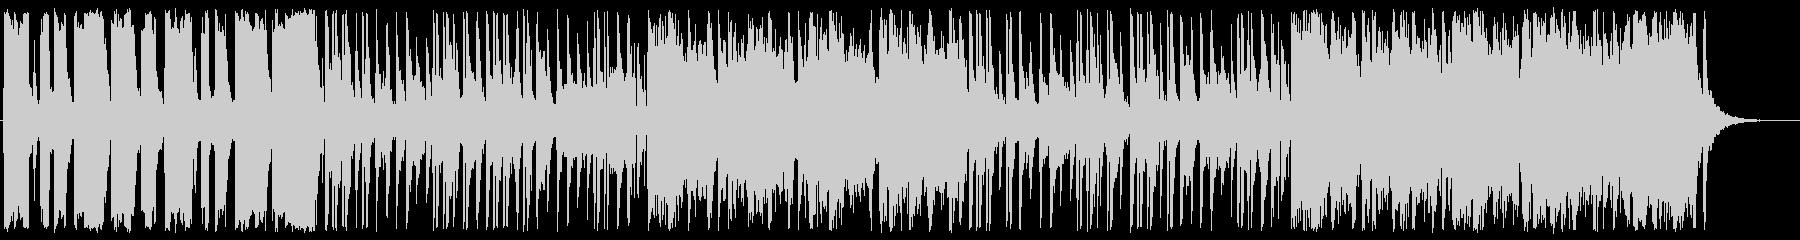 ほのぼのと明るいゆっくりしたテンポの曲の未再生の波形